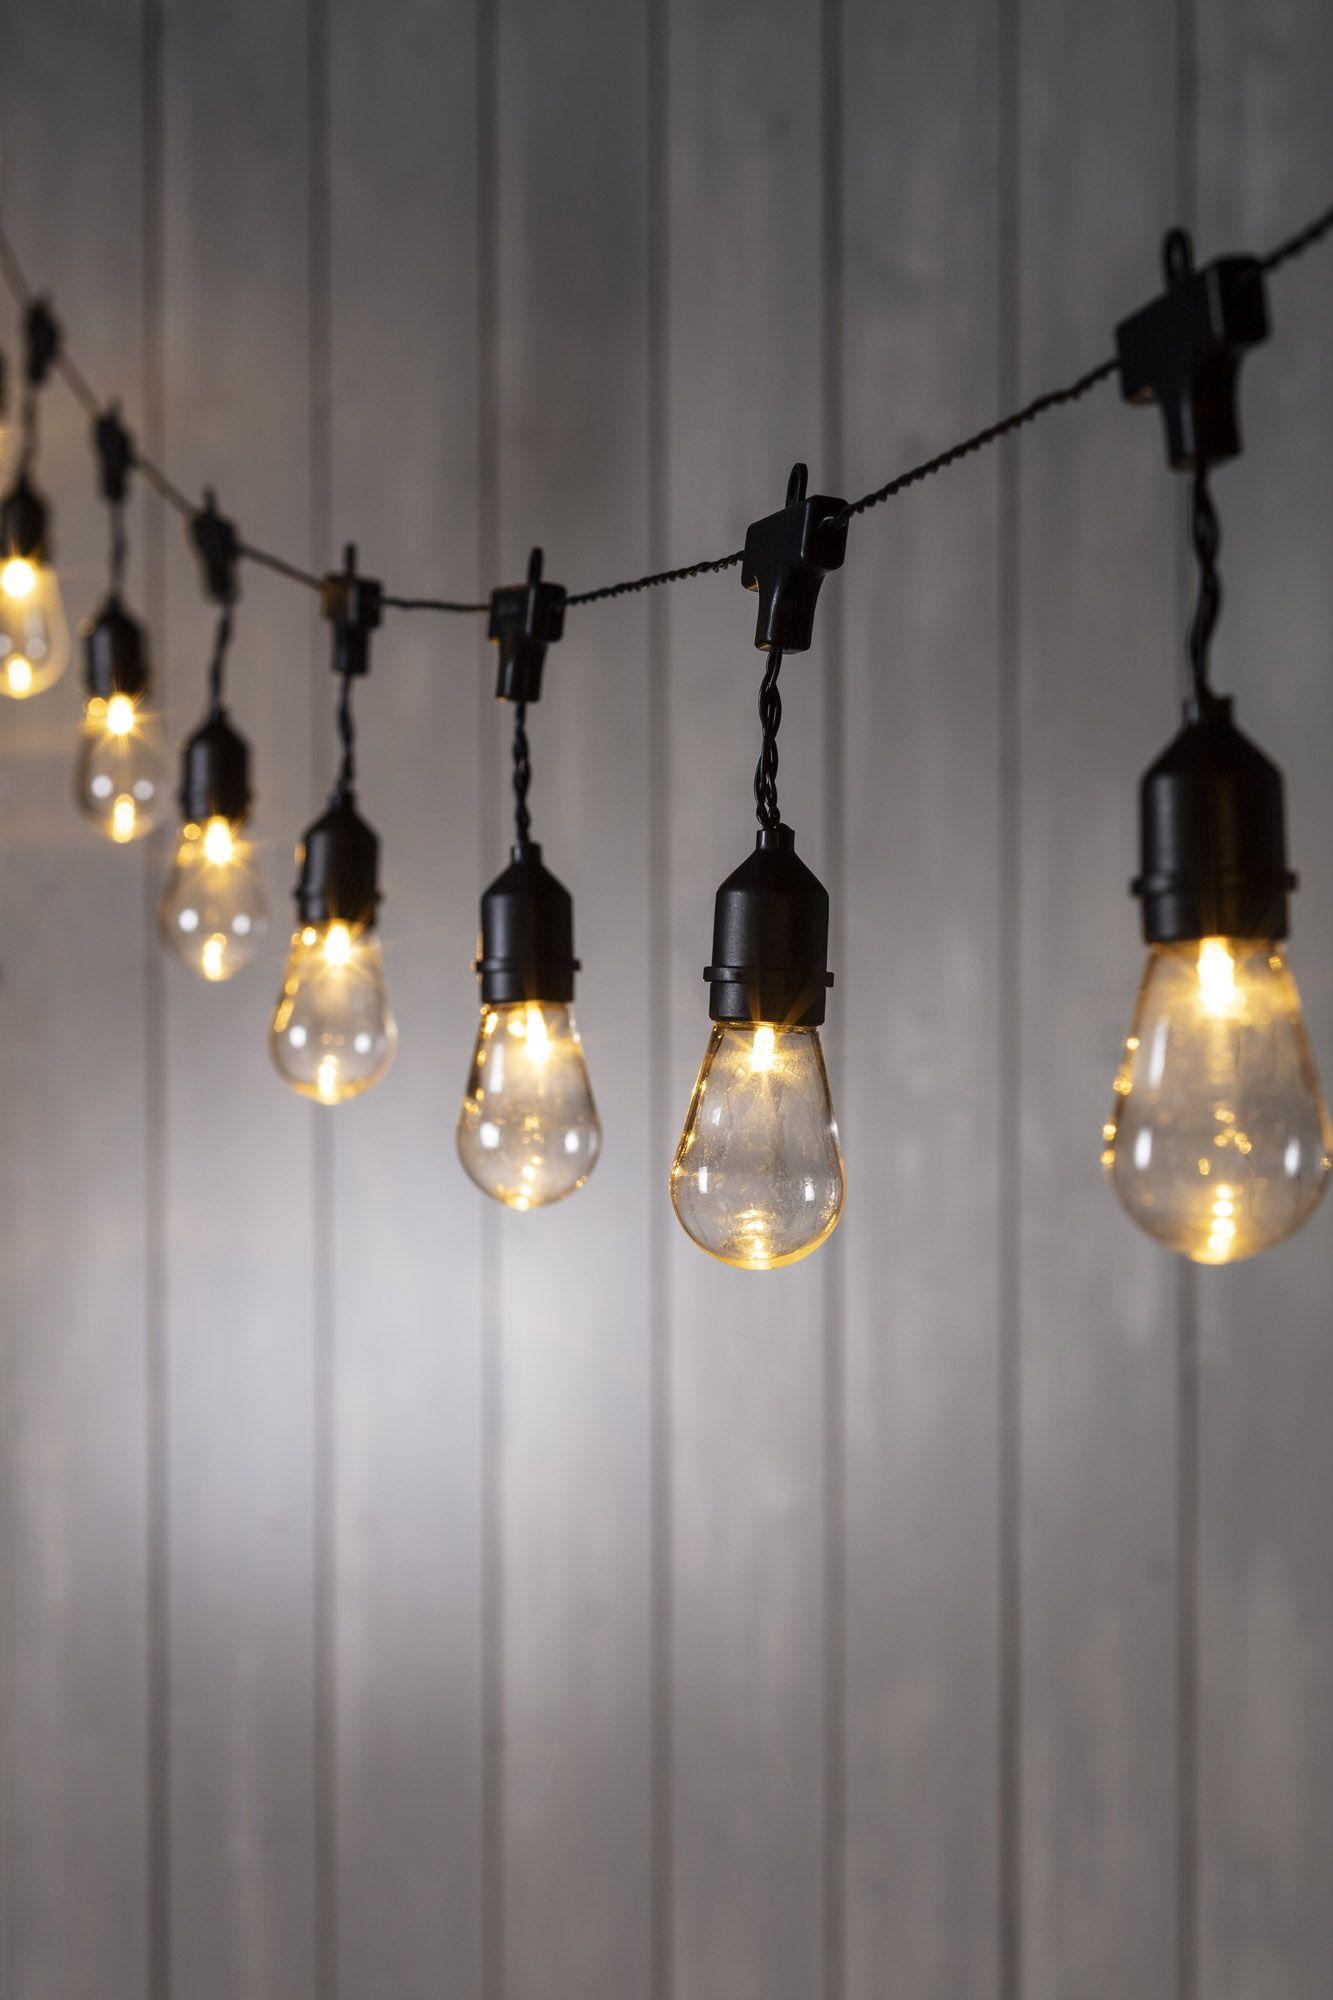 15 Drop Bulb Solar Festoon Lights Lighting Outdoor